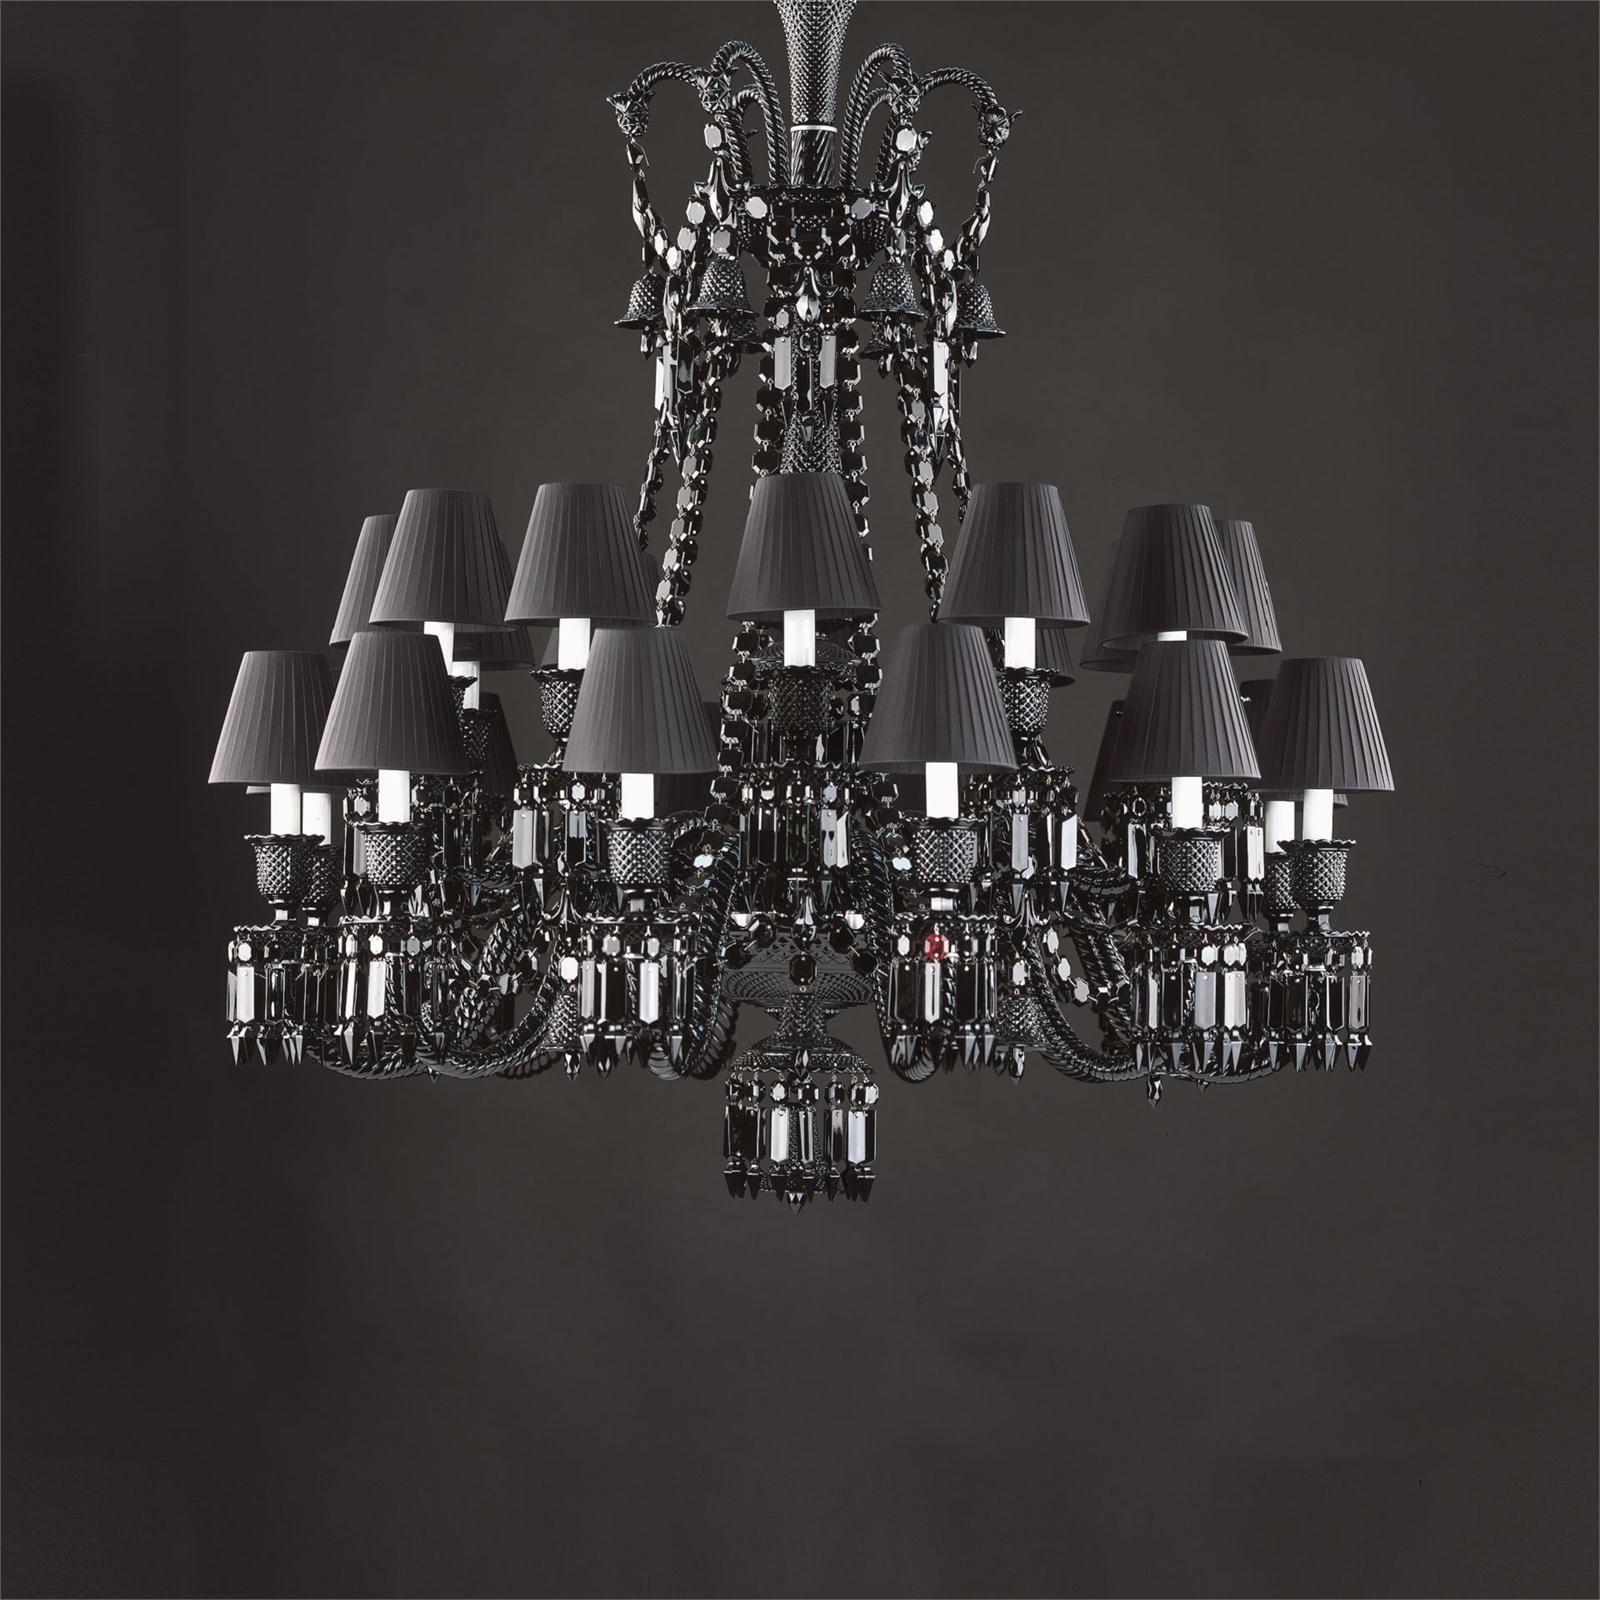 Zenith noir chandelier 24 light lighting pinterest mattress zenith noir chandelier 24 light arubaitofo Image collections